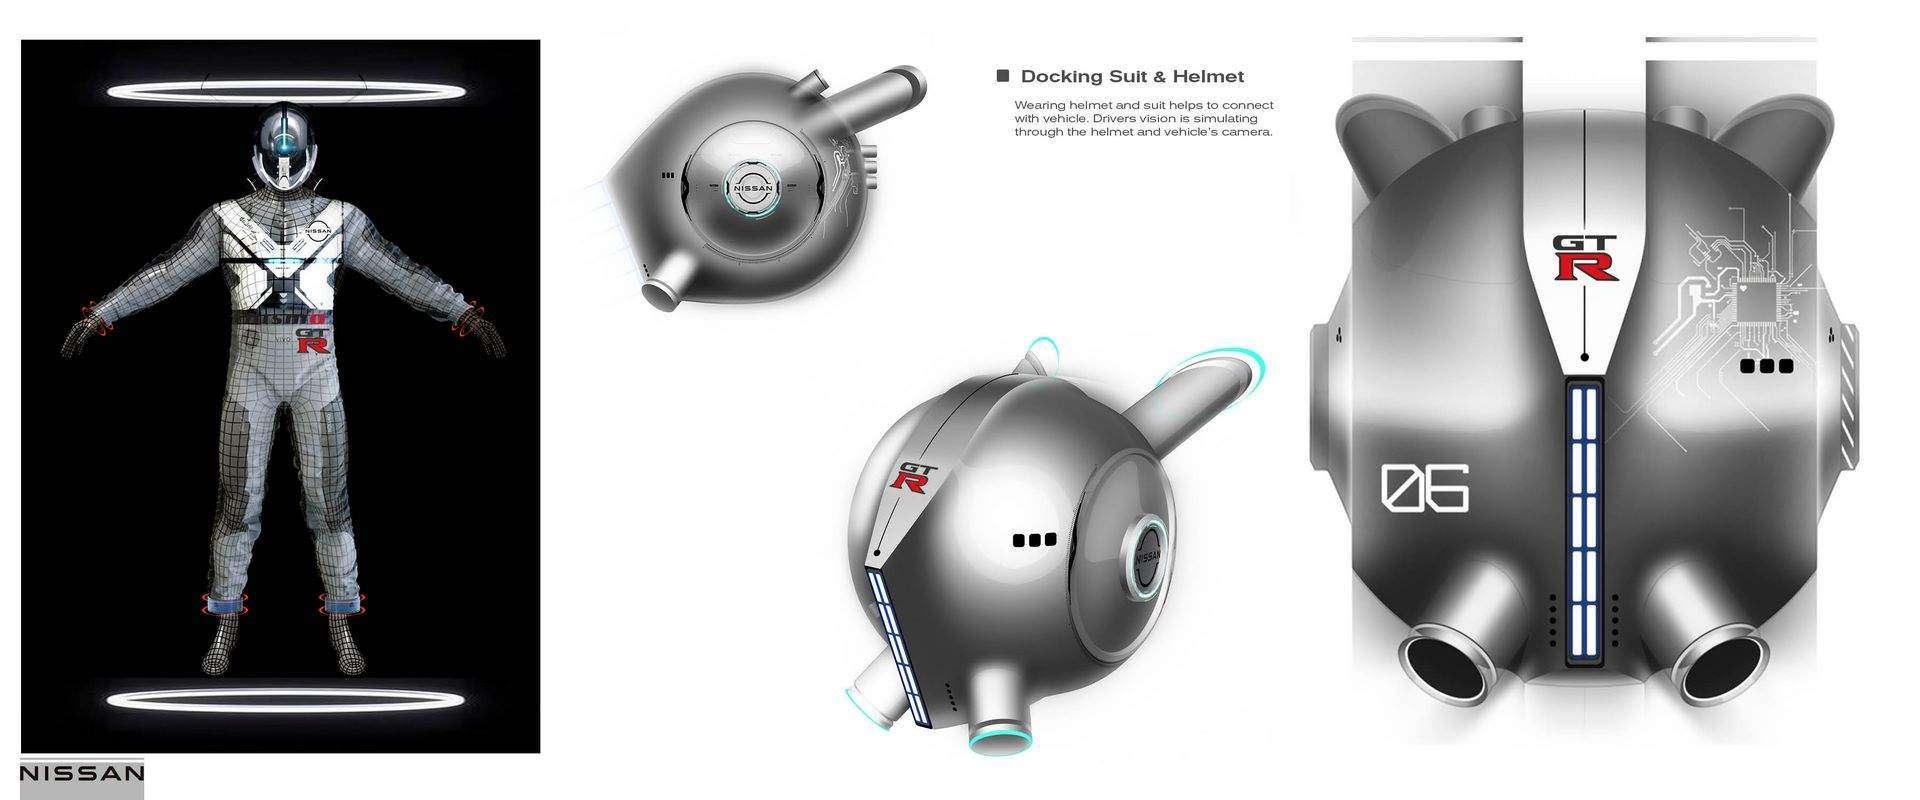 Nissan-GT-R-X-2050-Concept-22